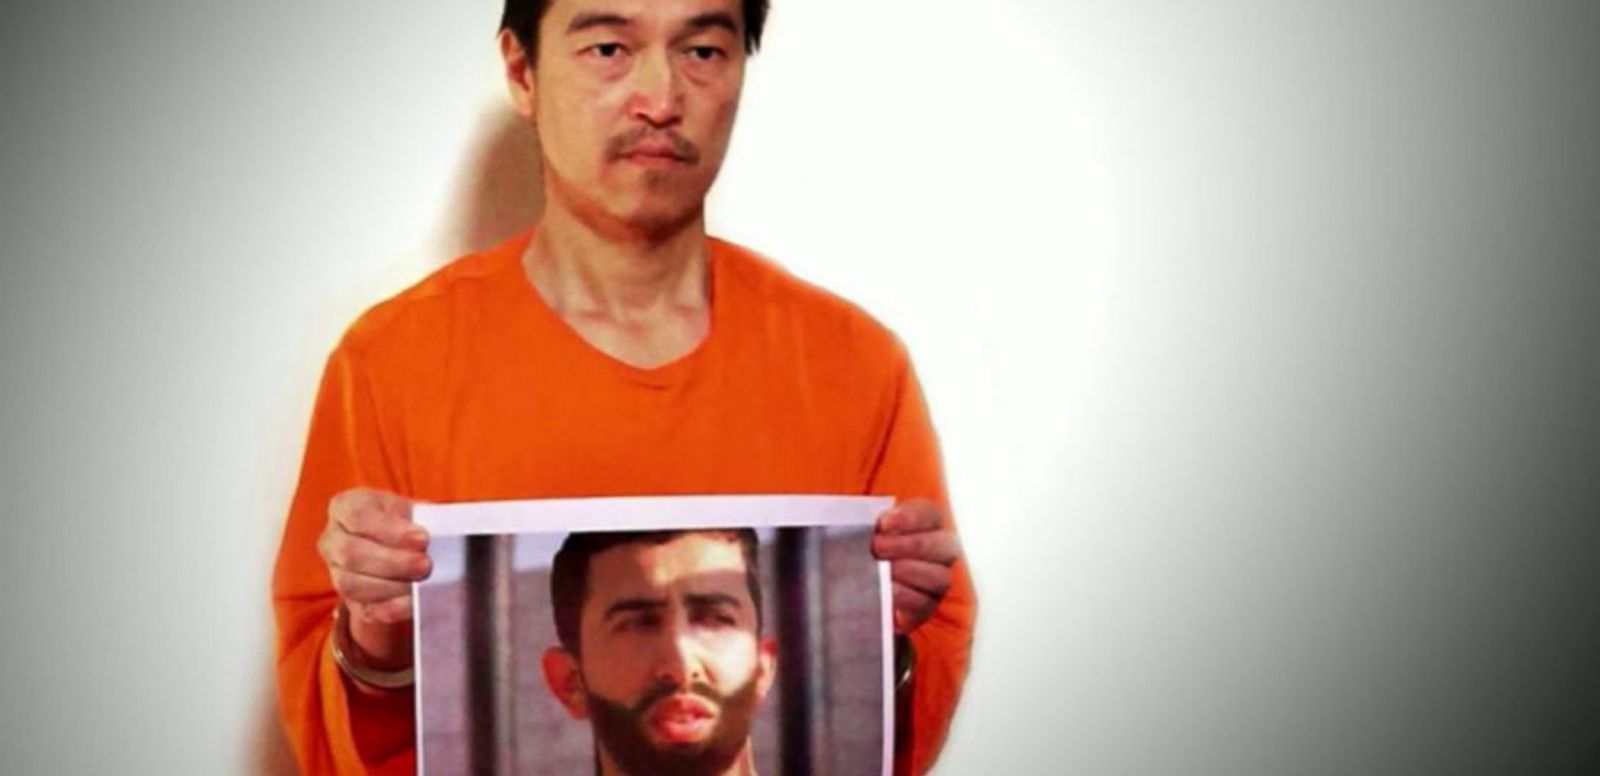 VIDEO: ISIS Deadline for Prisoner Swap Passes